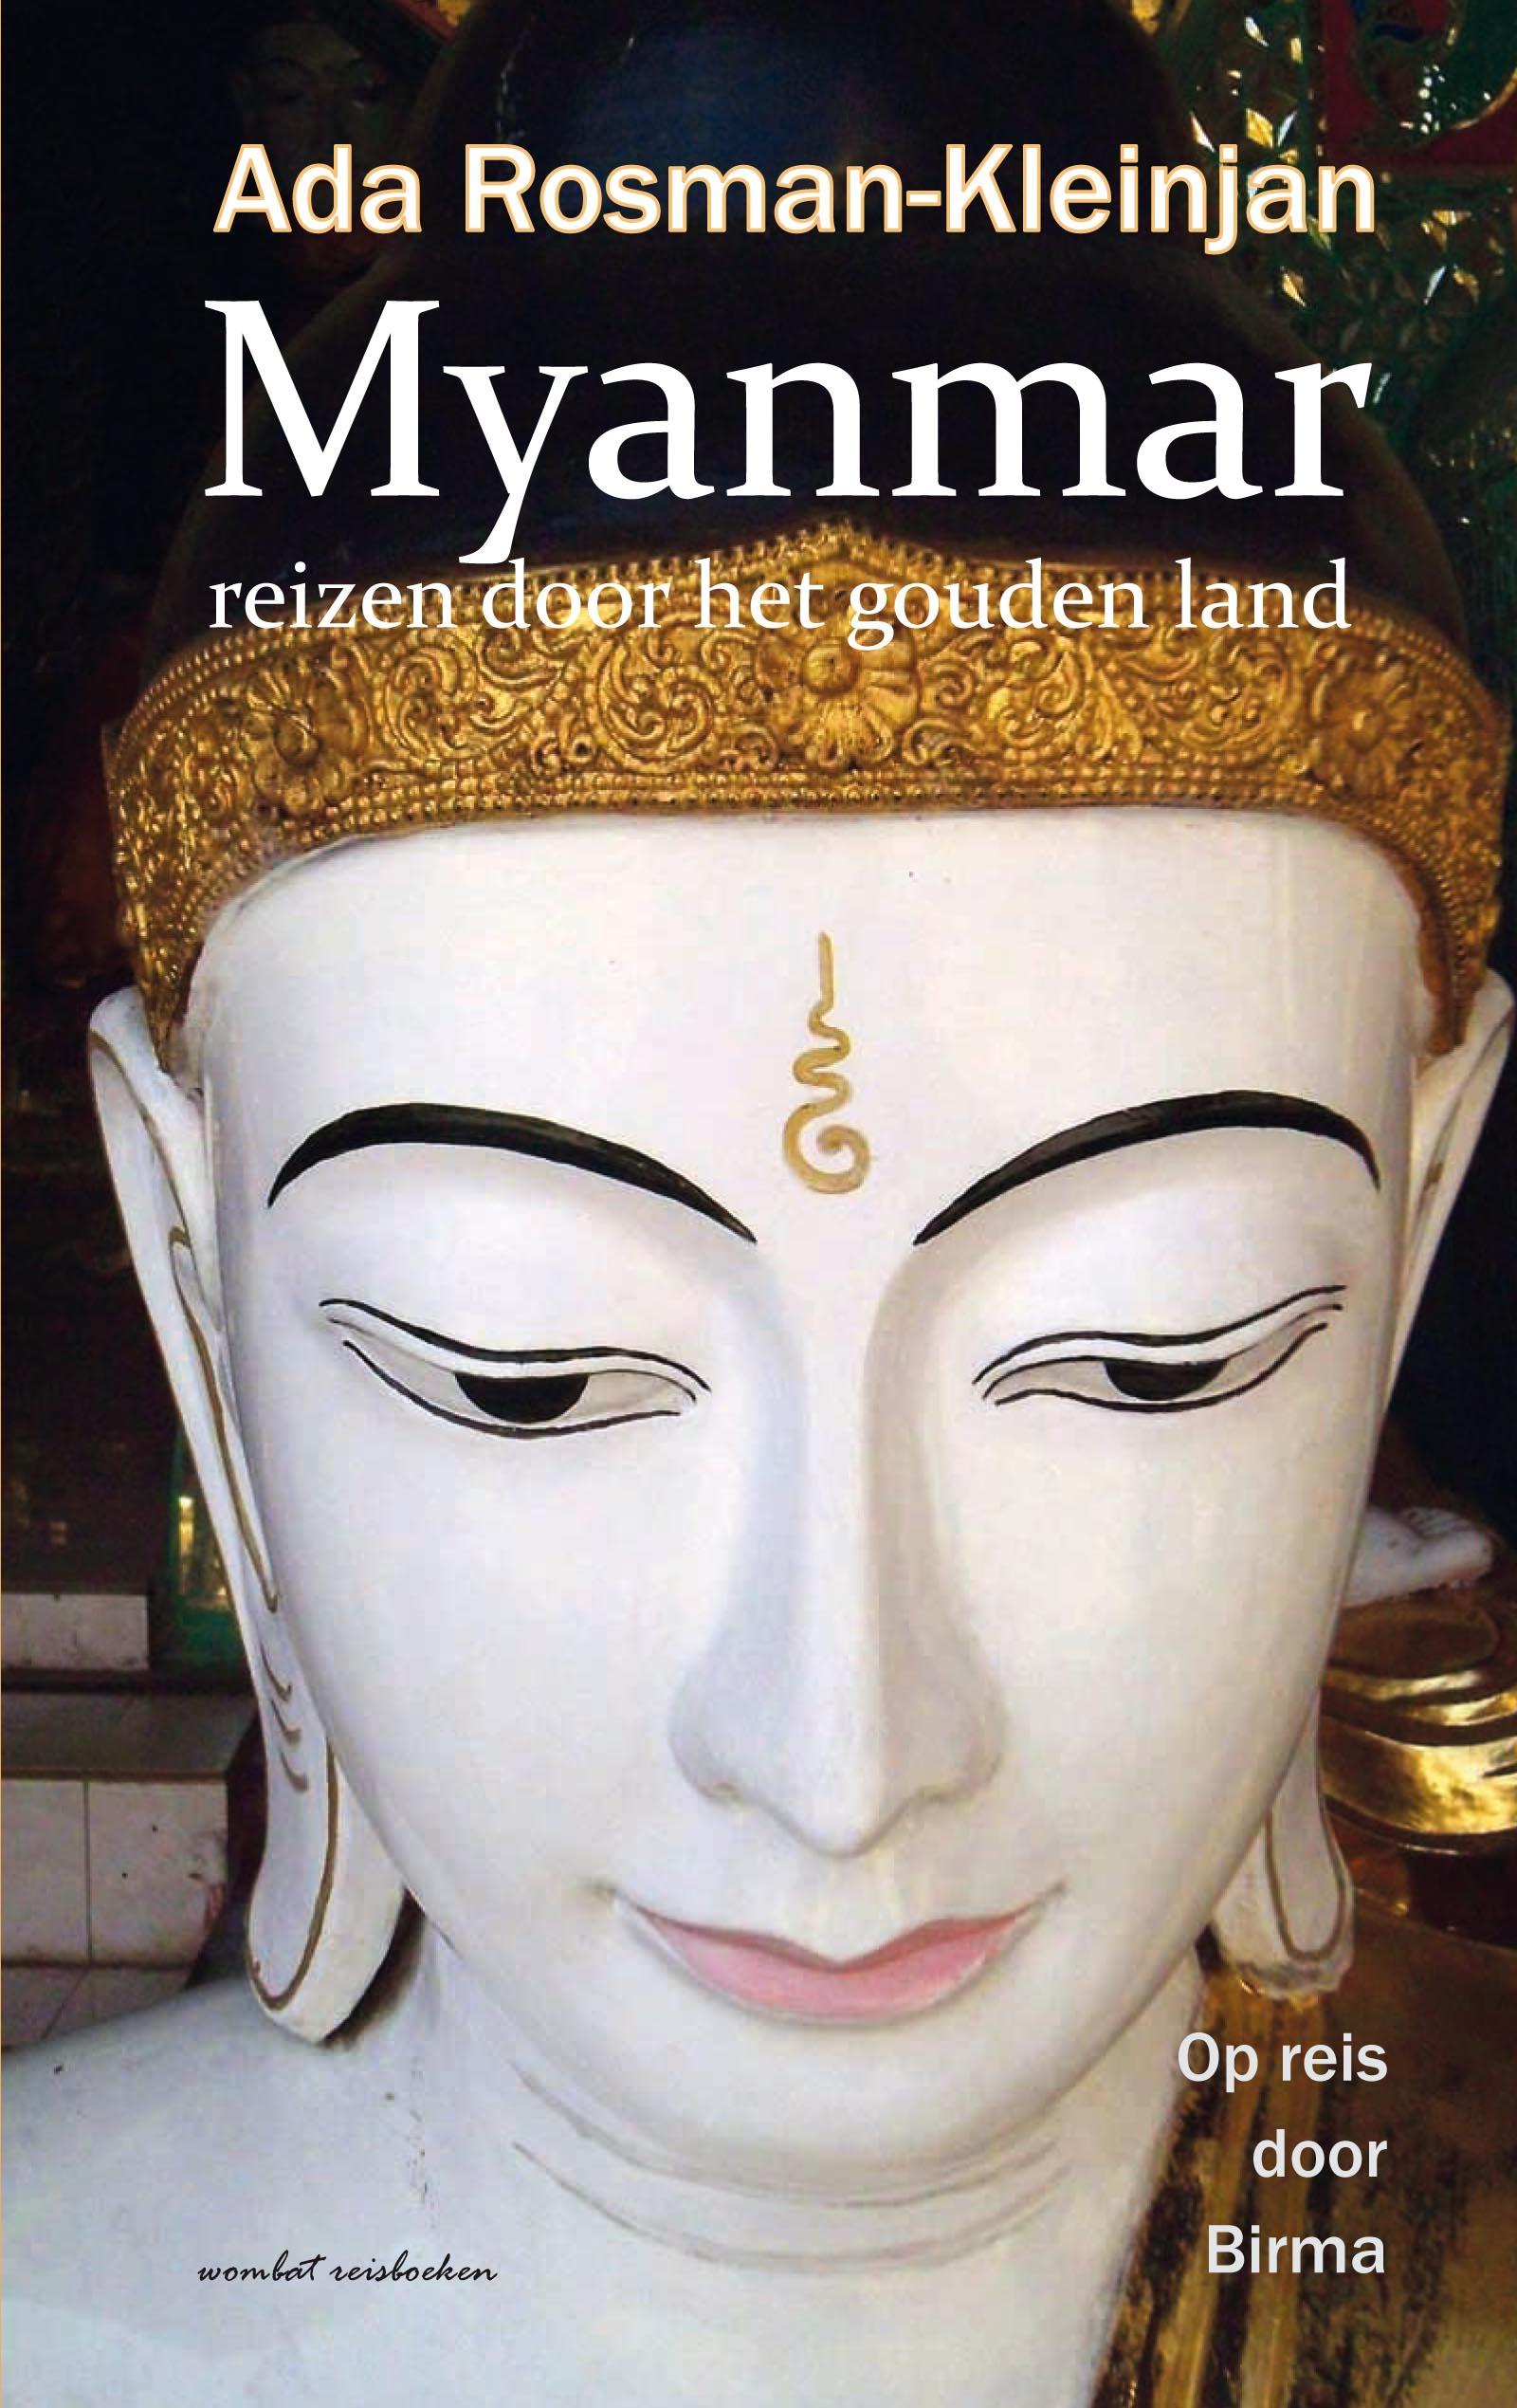 Reisverhaal Myanmar... reizen door het Gouden Land | Ada Rosman <br/>€ 18.50 <br/> <a href='https://www.dezwerver.nl/reisgidsen/?tt=1554_252853_241358_&r=https%3A%2F%2Fwww.dezwerver.nl%2Fr%2Fazie%2Fmyanmar%2Fc%2Fboeken%2Freisverhalen%2F9789082316513%2Freisverhaal-myanmar-reizen-door-het-gouden-land-ada-rosman%2F' target='_blank'>Meer Info</a>